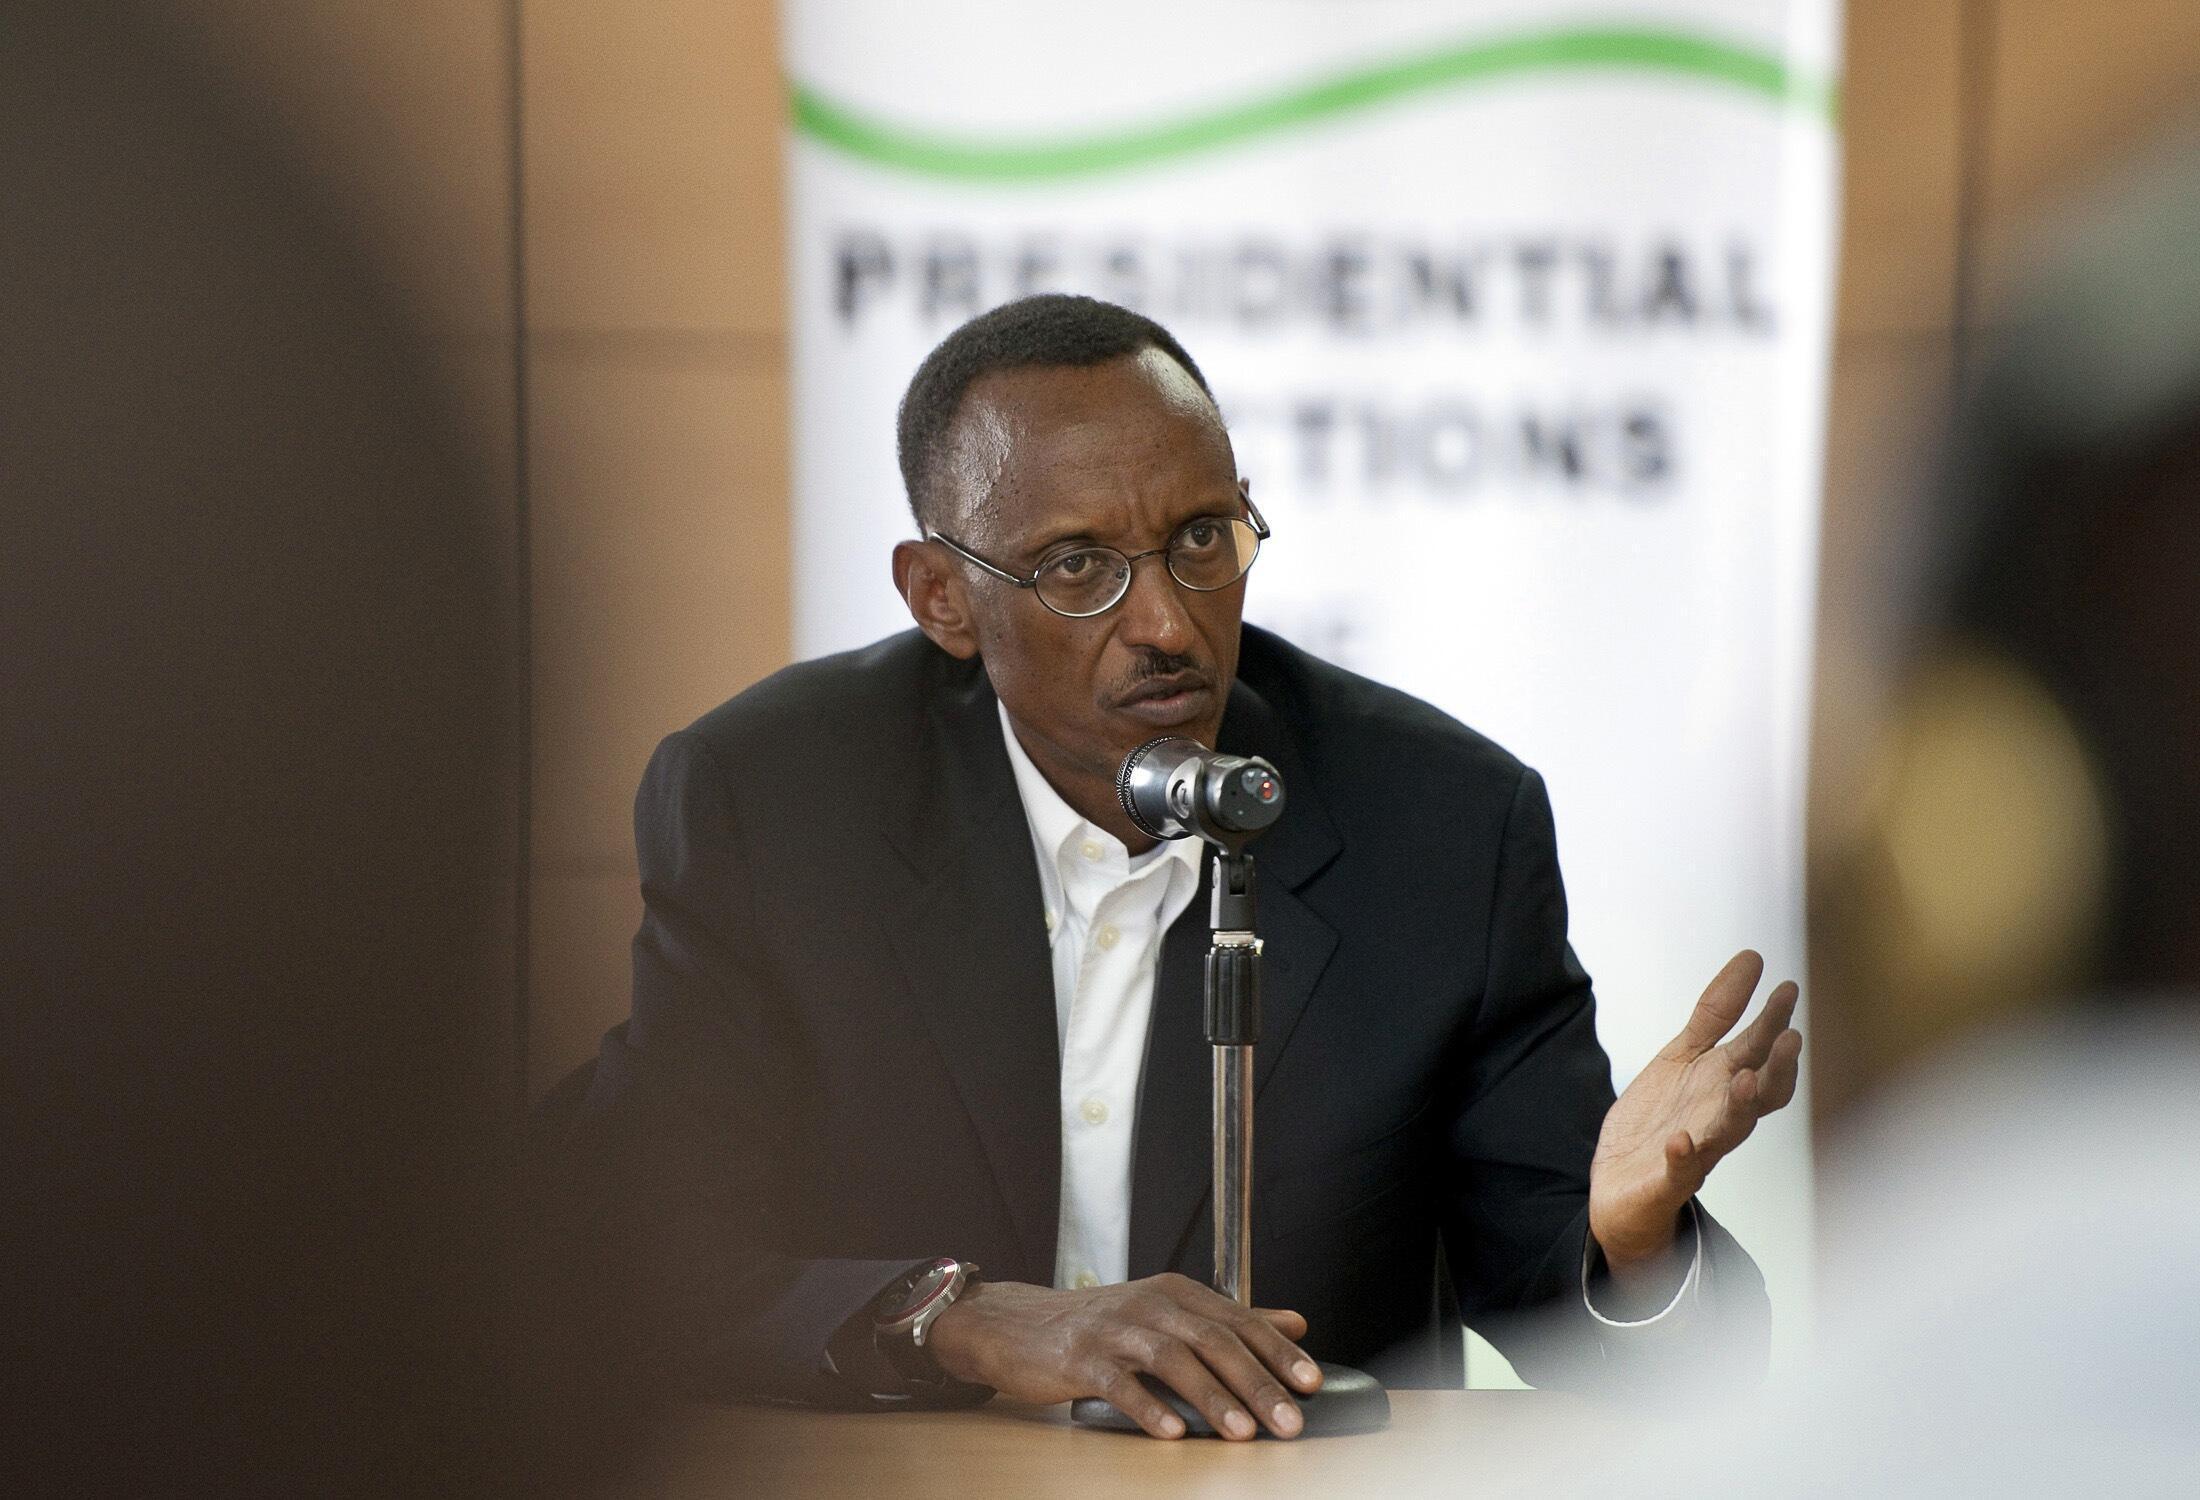 Le président rwandais Paul Kagame, à Kigali, le 24 juin 2010.